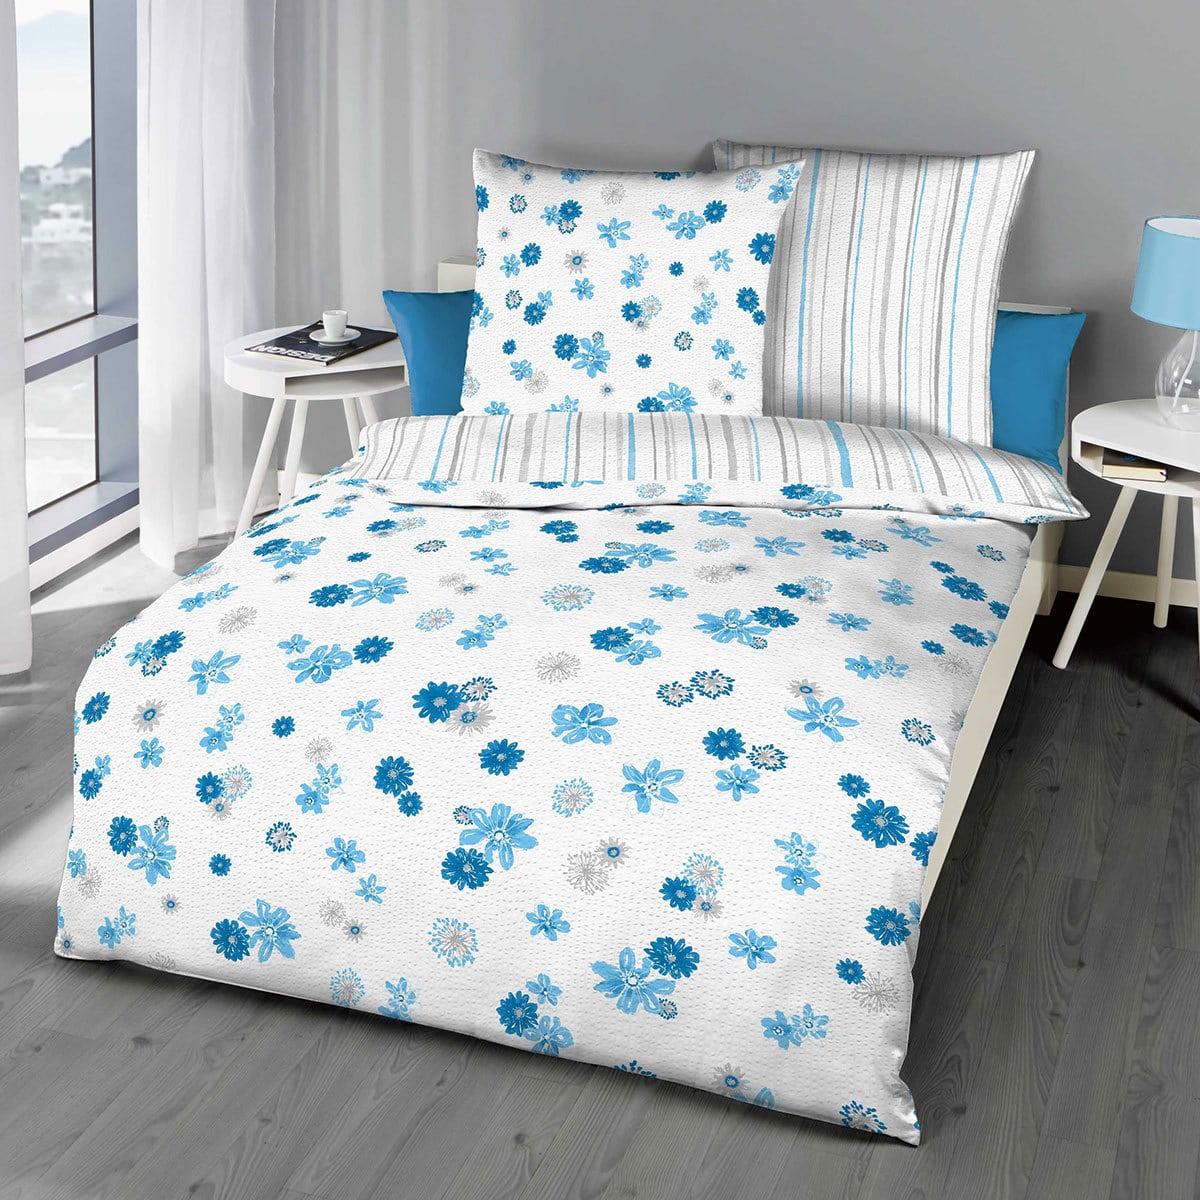 kaeppel seersucker wendebettw sche mia aqua g nstig online. Black Bedroom Furniture Sets. Home Design Ideas